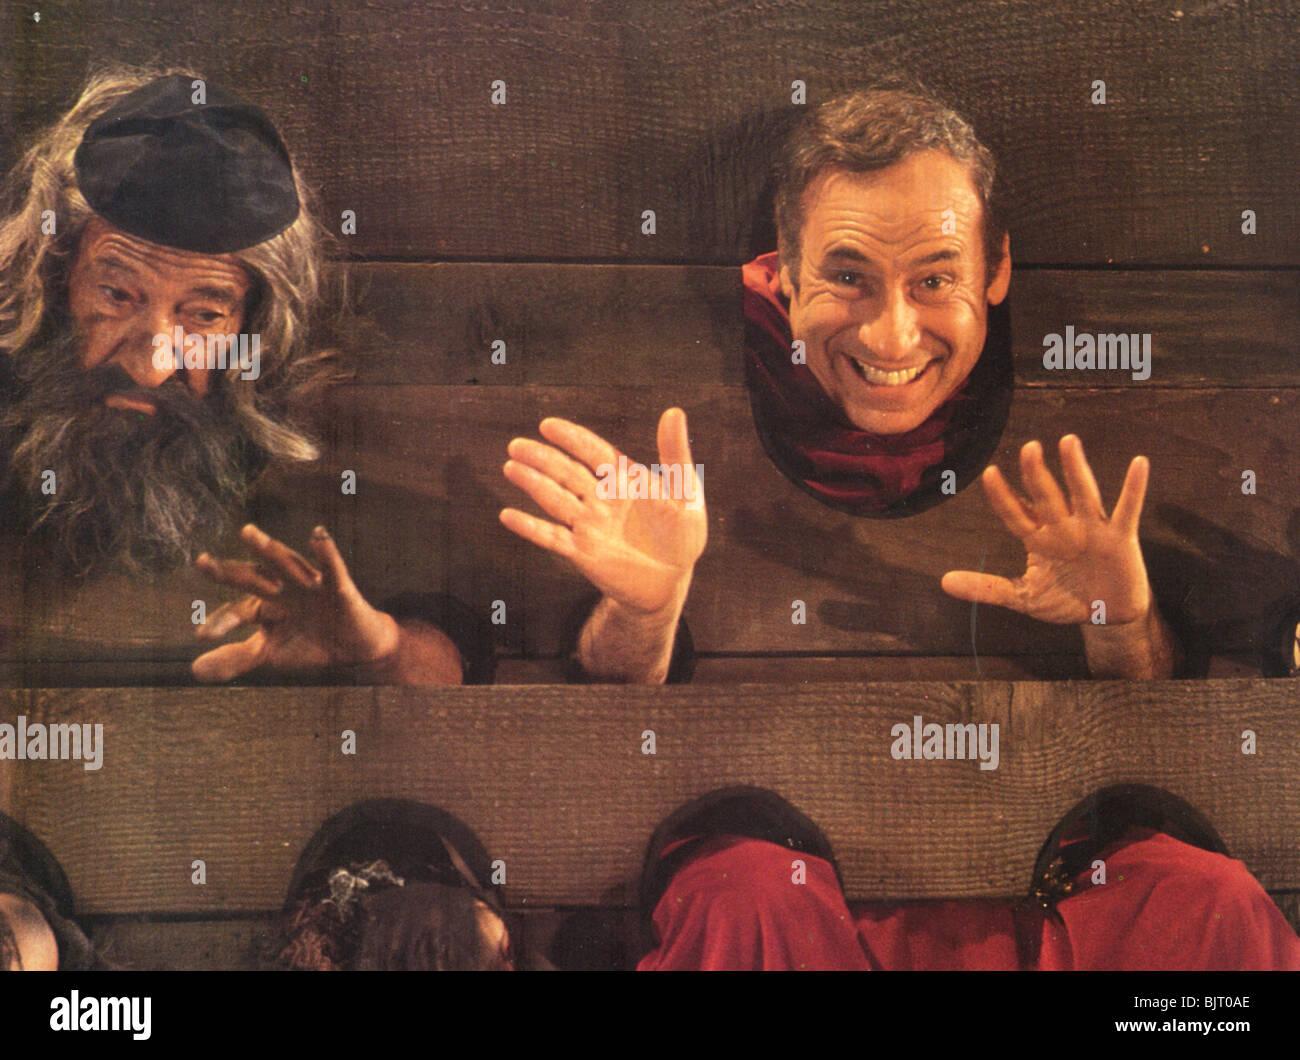 Historia DEL MUNDO EN LA PRIMERA PARTE - 1981 Brooksfilms película con Mel Brooks a la derecha Imagen De Stock